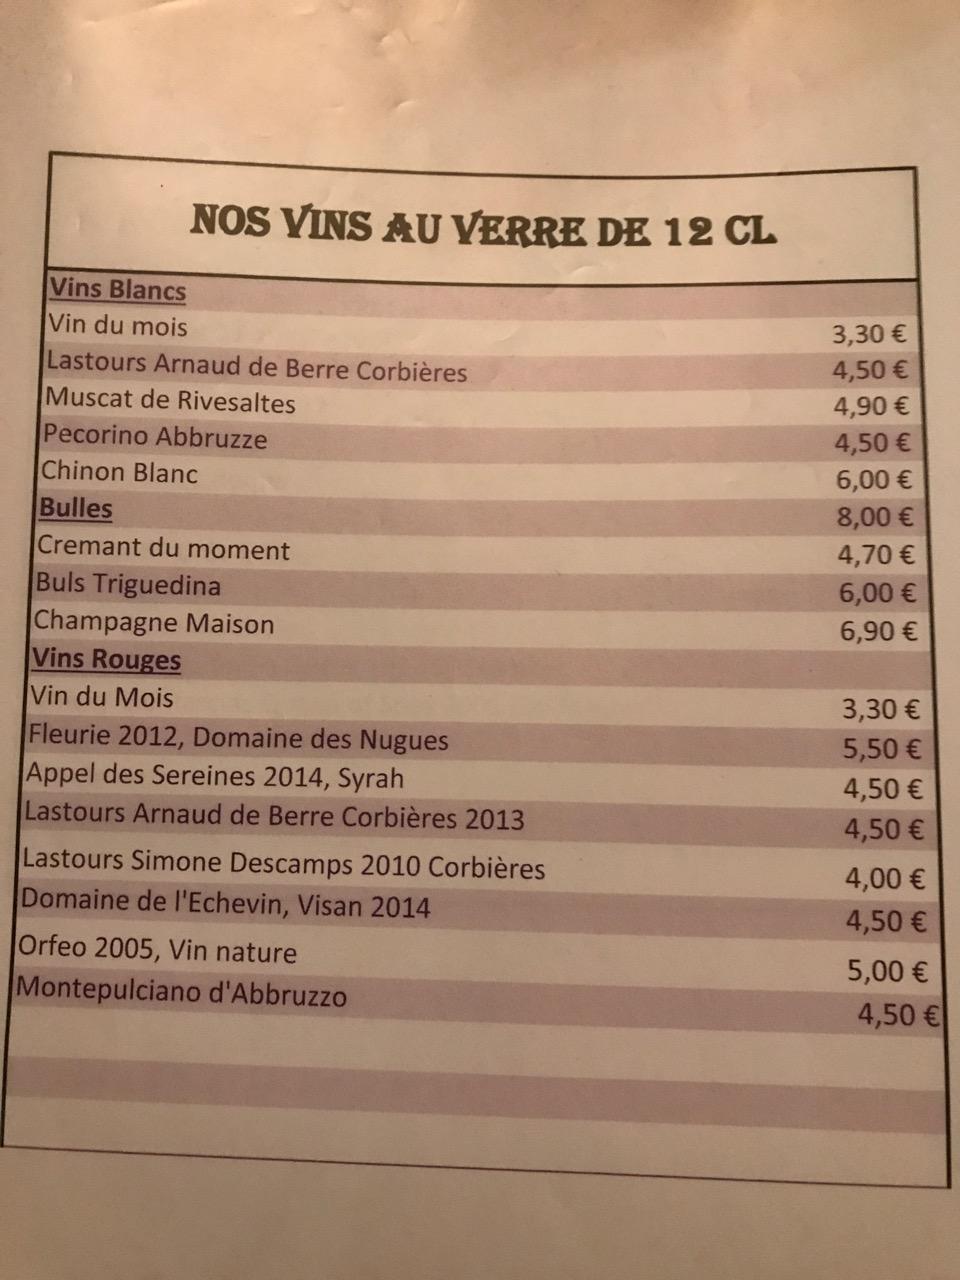 Restaurant Les caves de l'abbaye d'Aulne - Les vins au verre